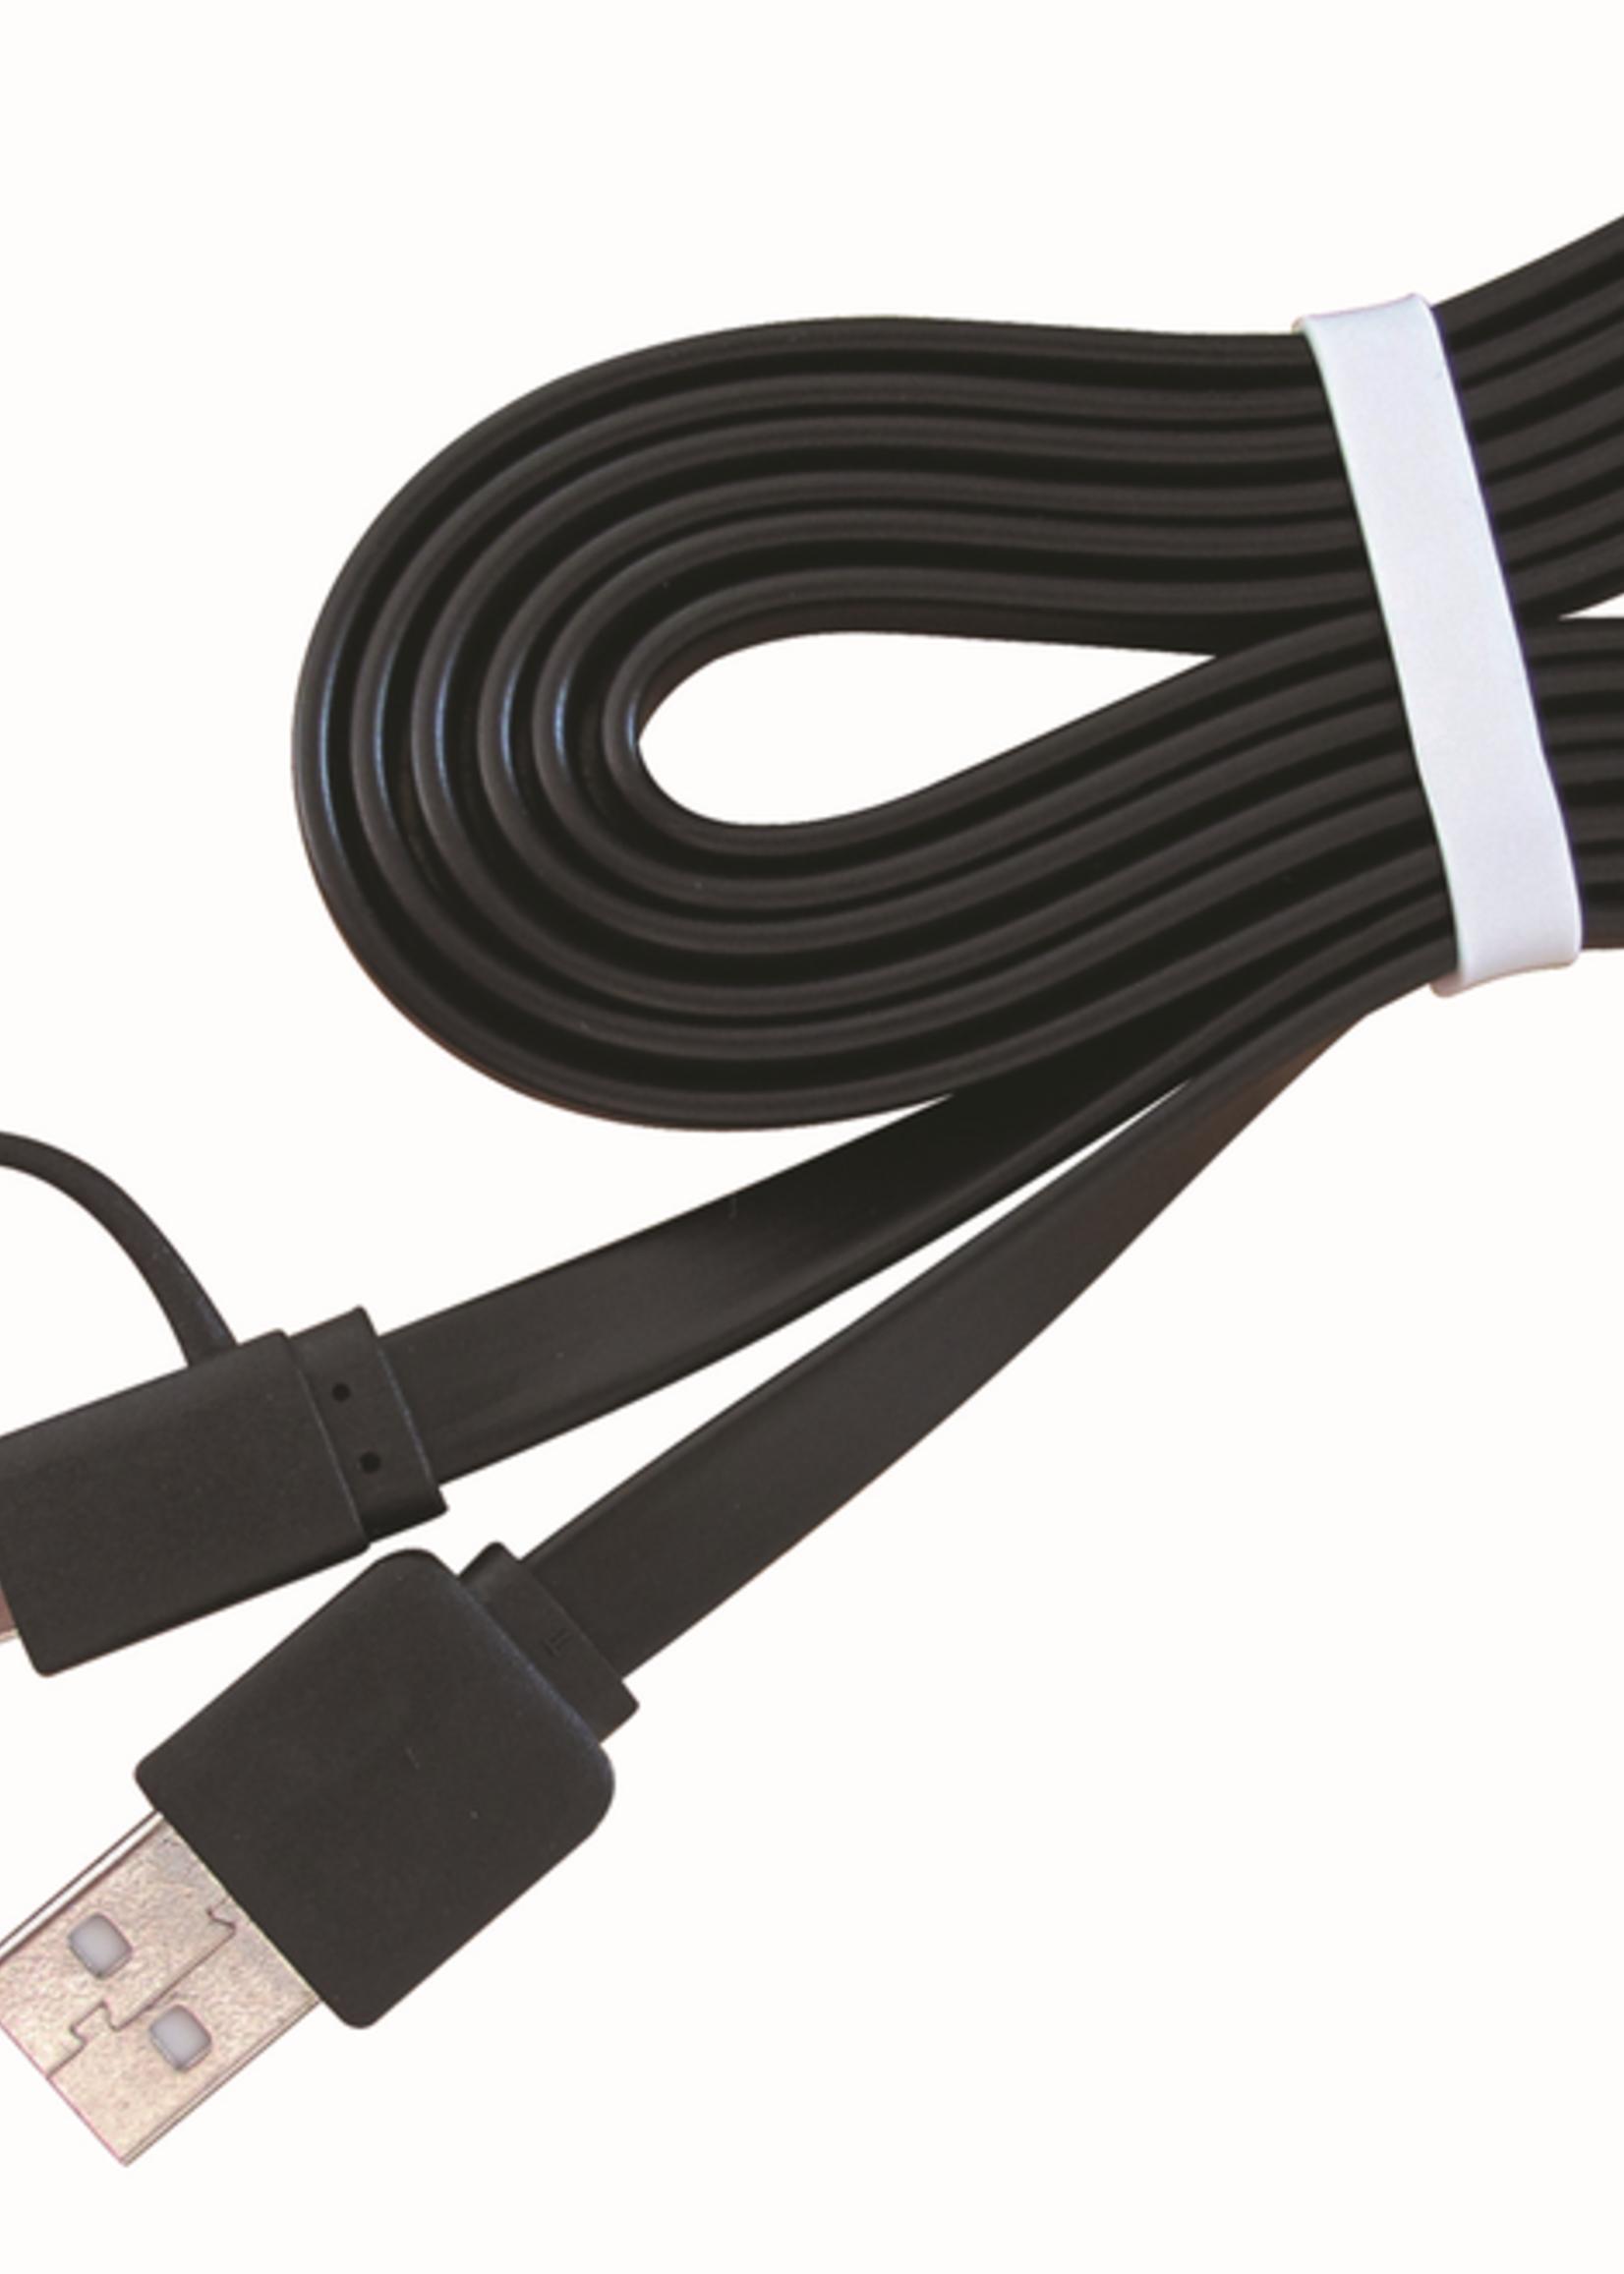 CableXpert USB oplaadkabel 2-in-1 zwart 1 meter